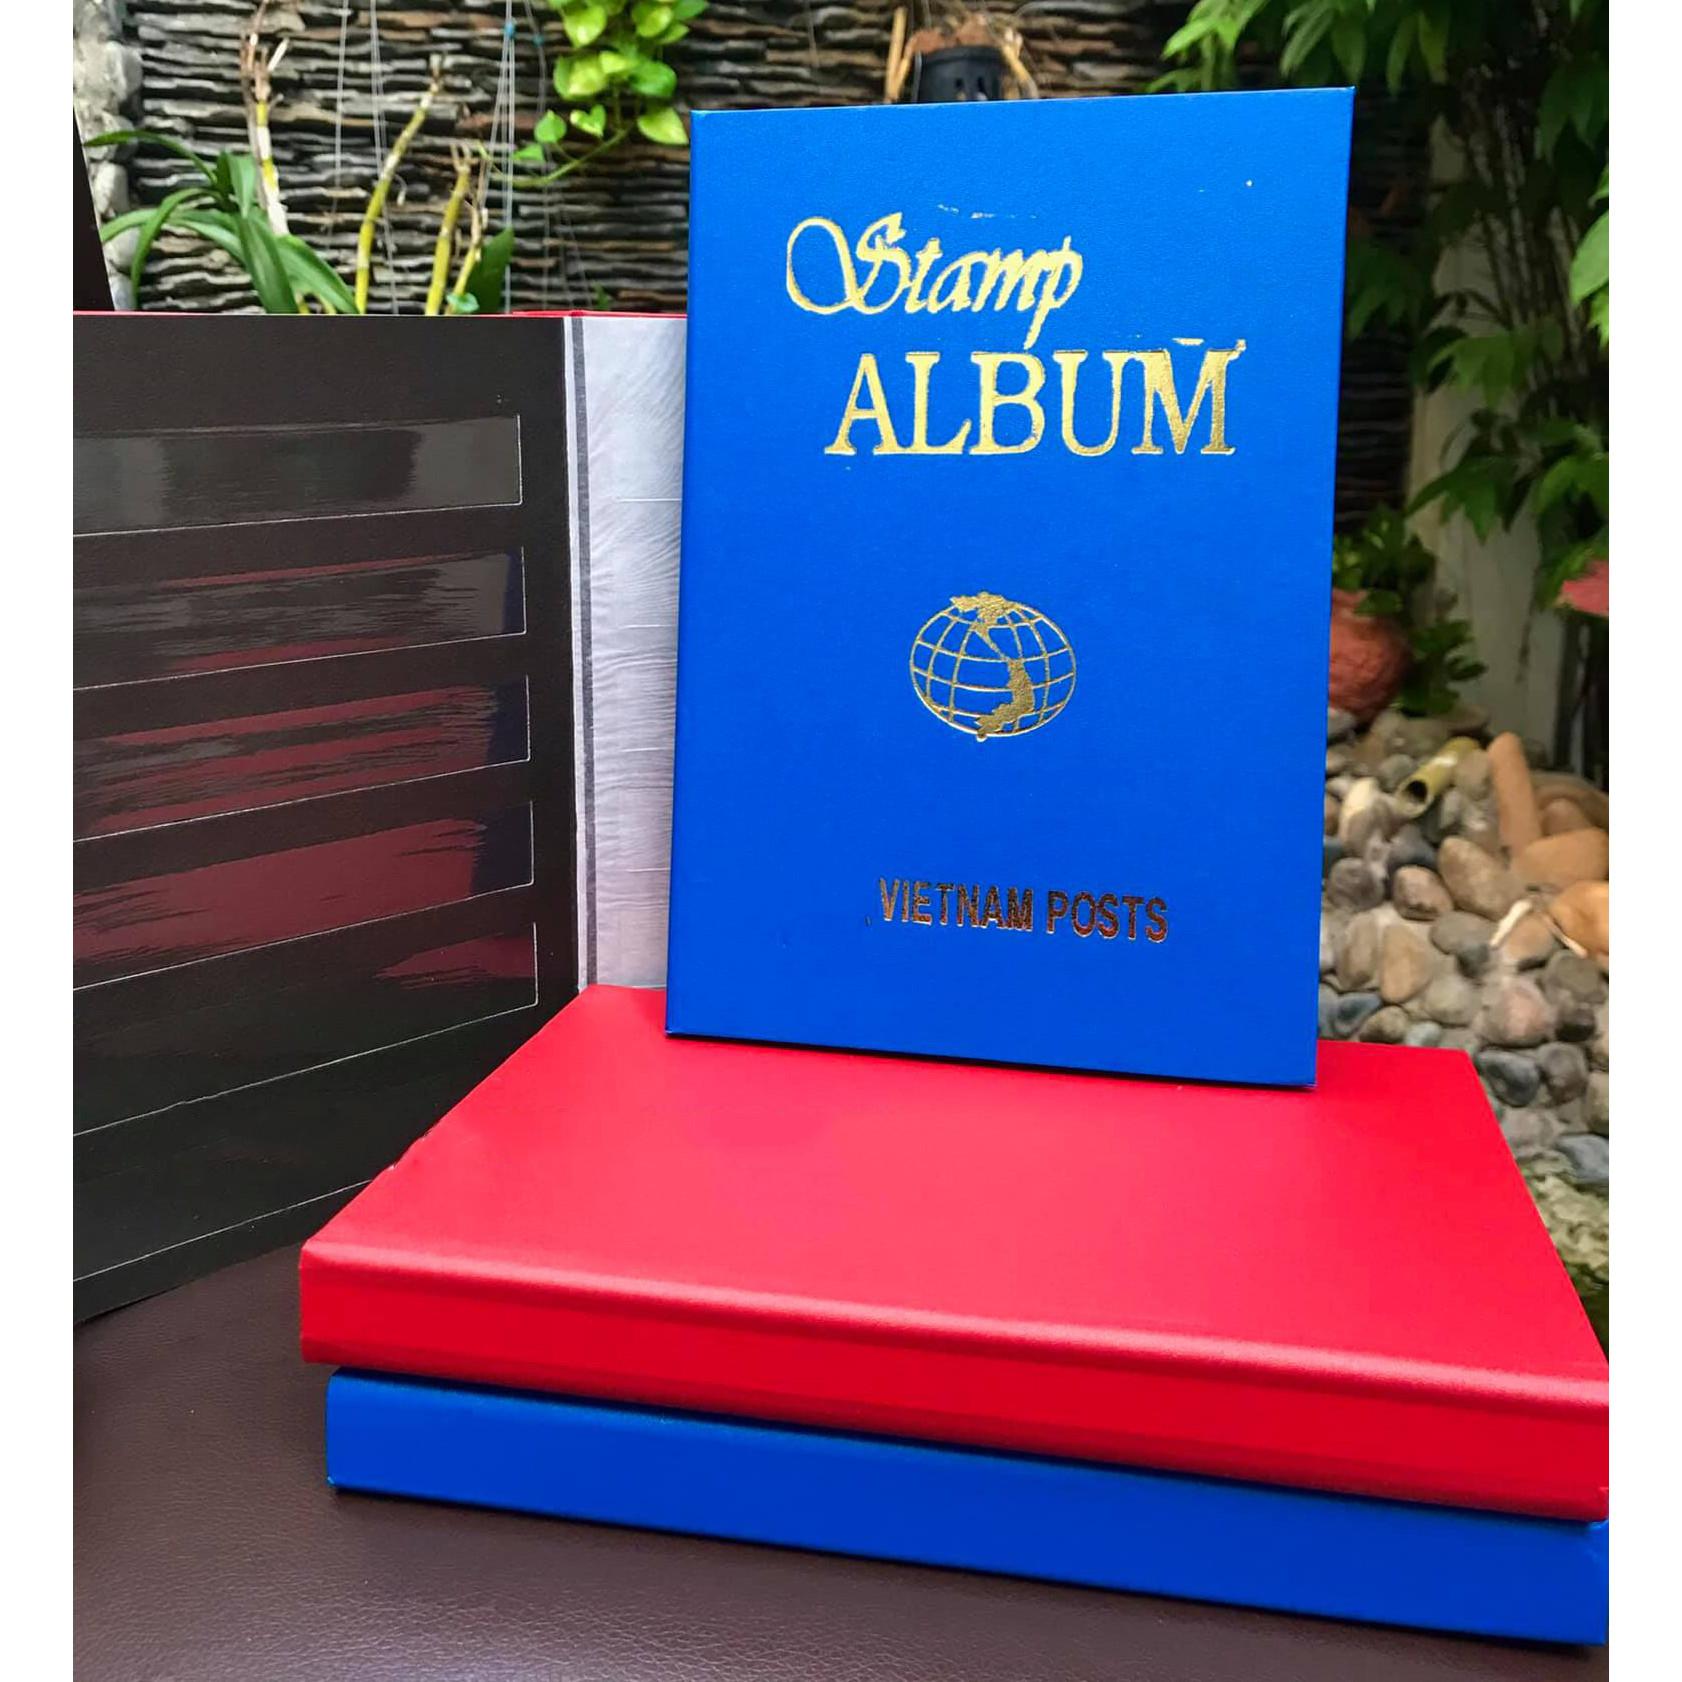 Quyển Album Đựng Tem Sưu Tầm 500 con của Việt Nam